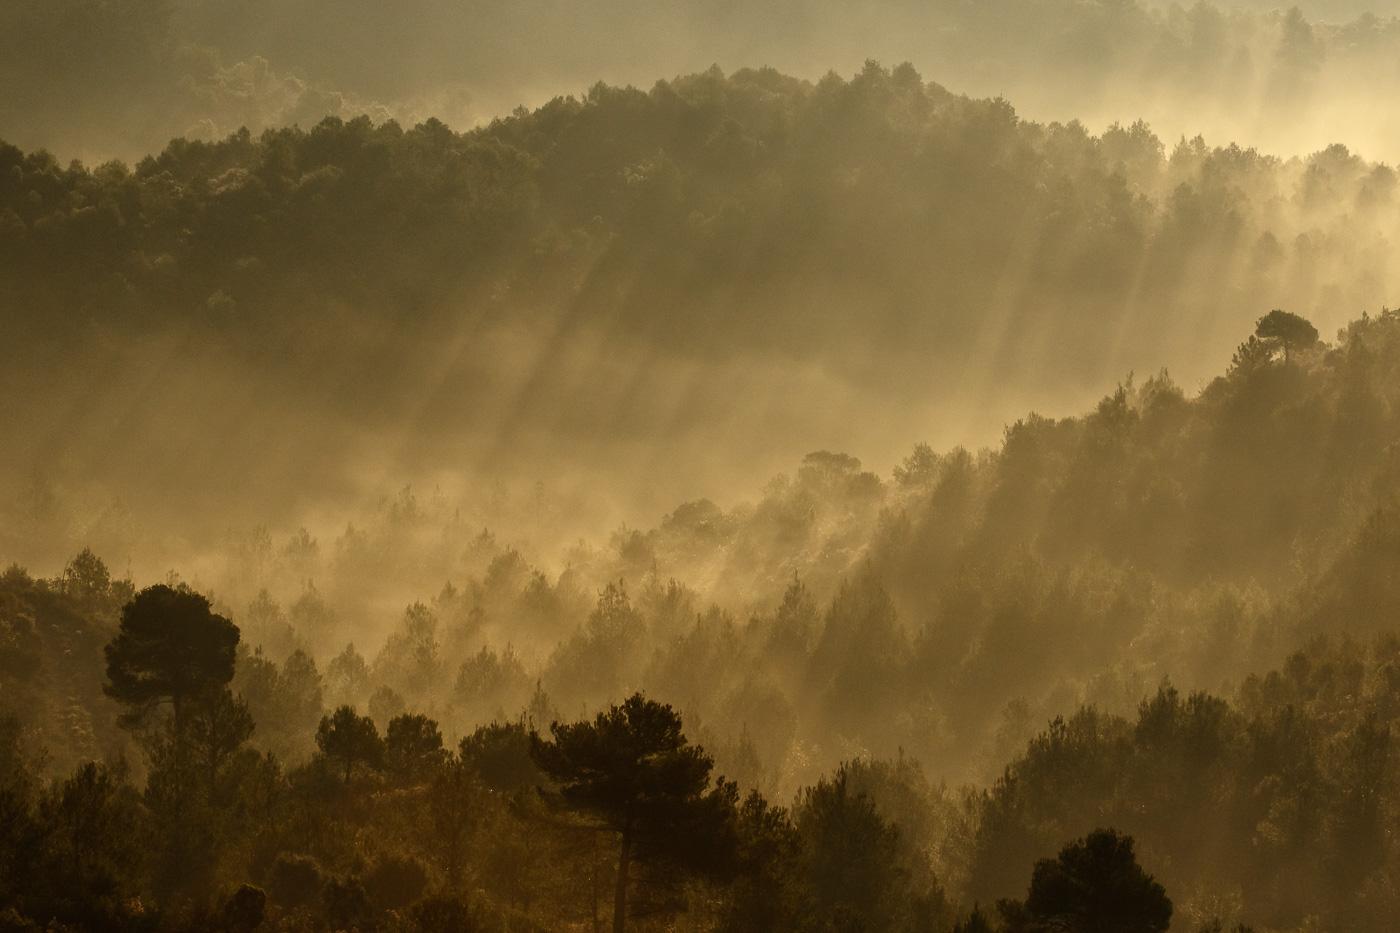 Ombres i boires - Fotografies de paisatges - Raül Carmona - Fotografia, Fotografia d'estudi, esdeveniments i Natura